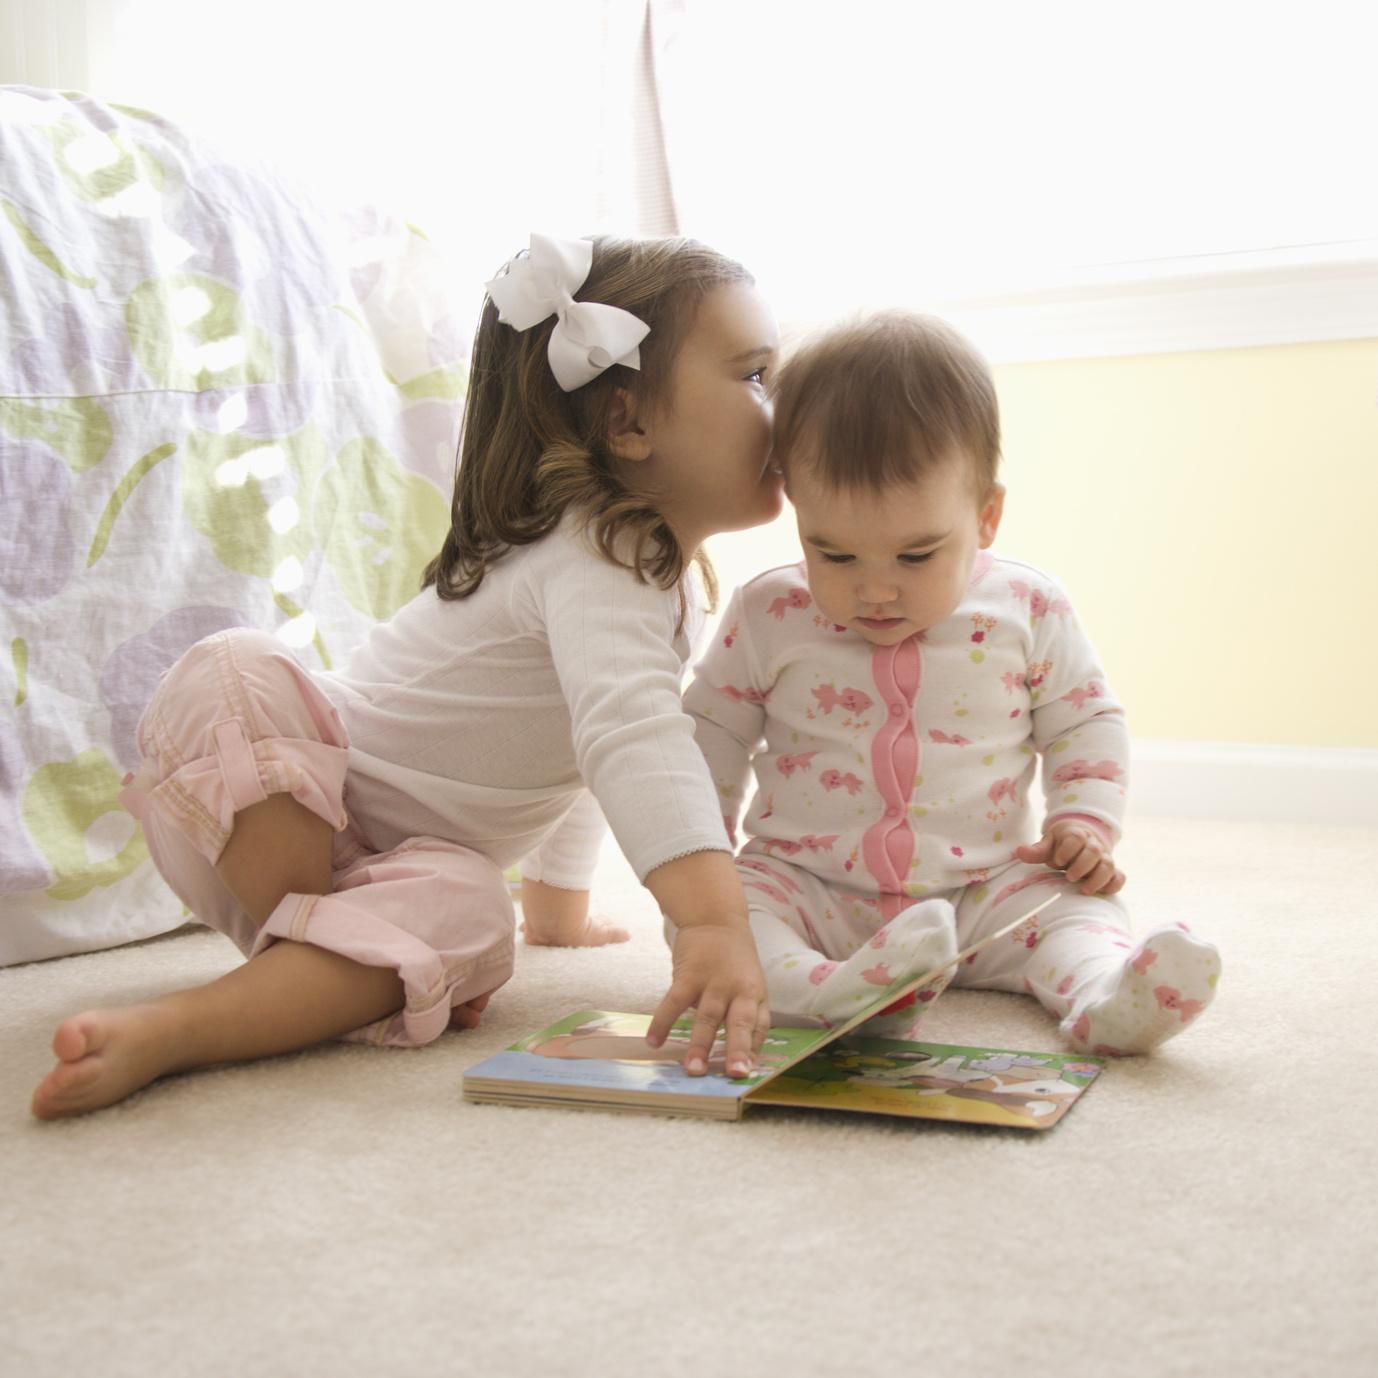 petite fille et bébé se parlent